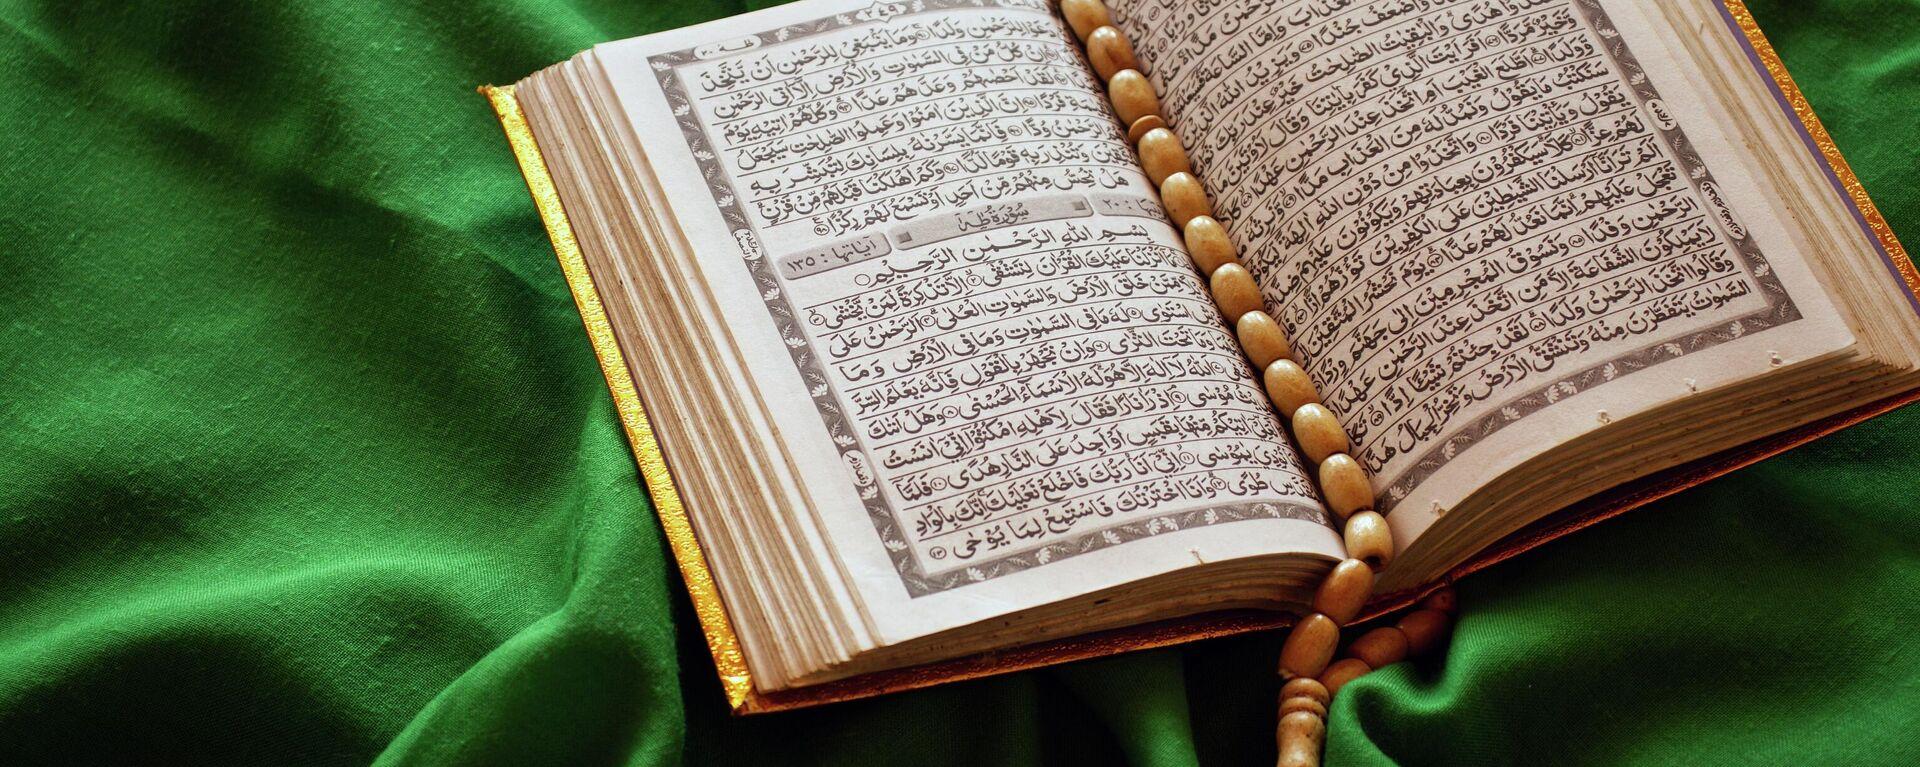 Коран, иллюстративное фото - Sputnik Узбекистан, 1920, 04.05.2021